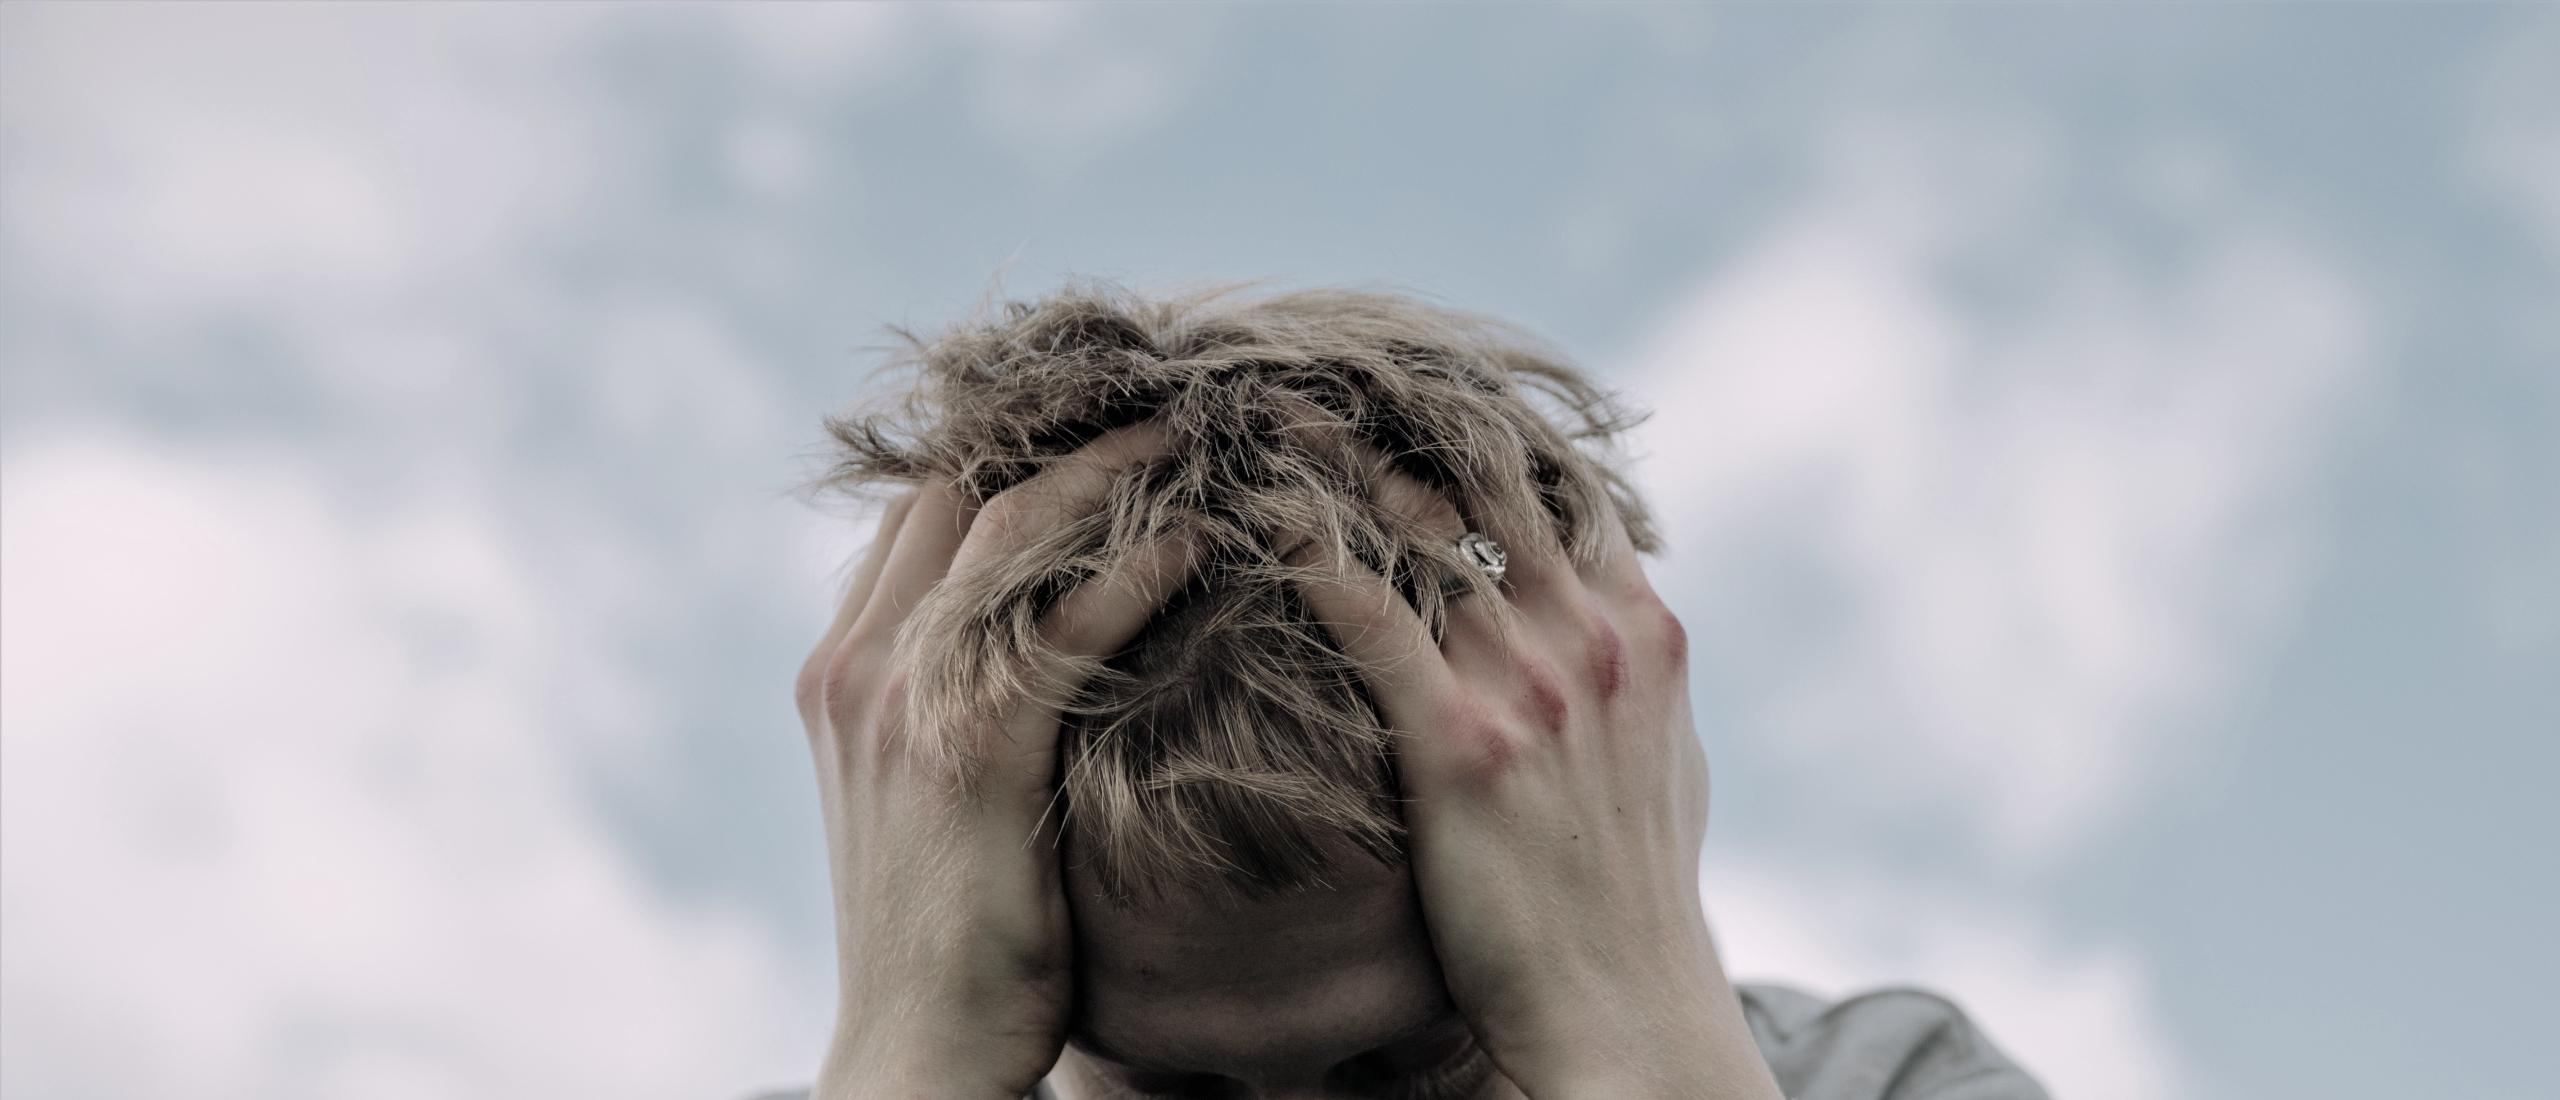 Bultjes op hoofdhuid